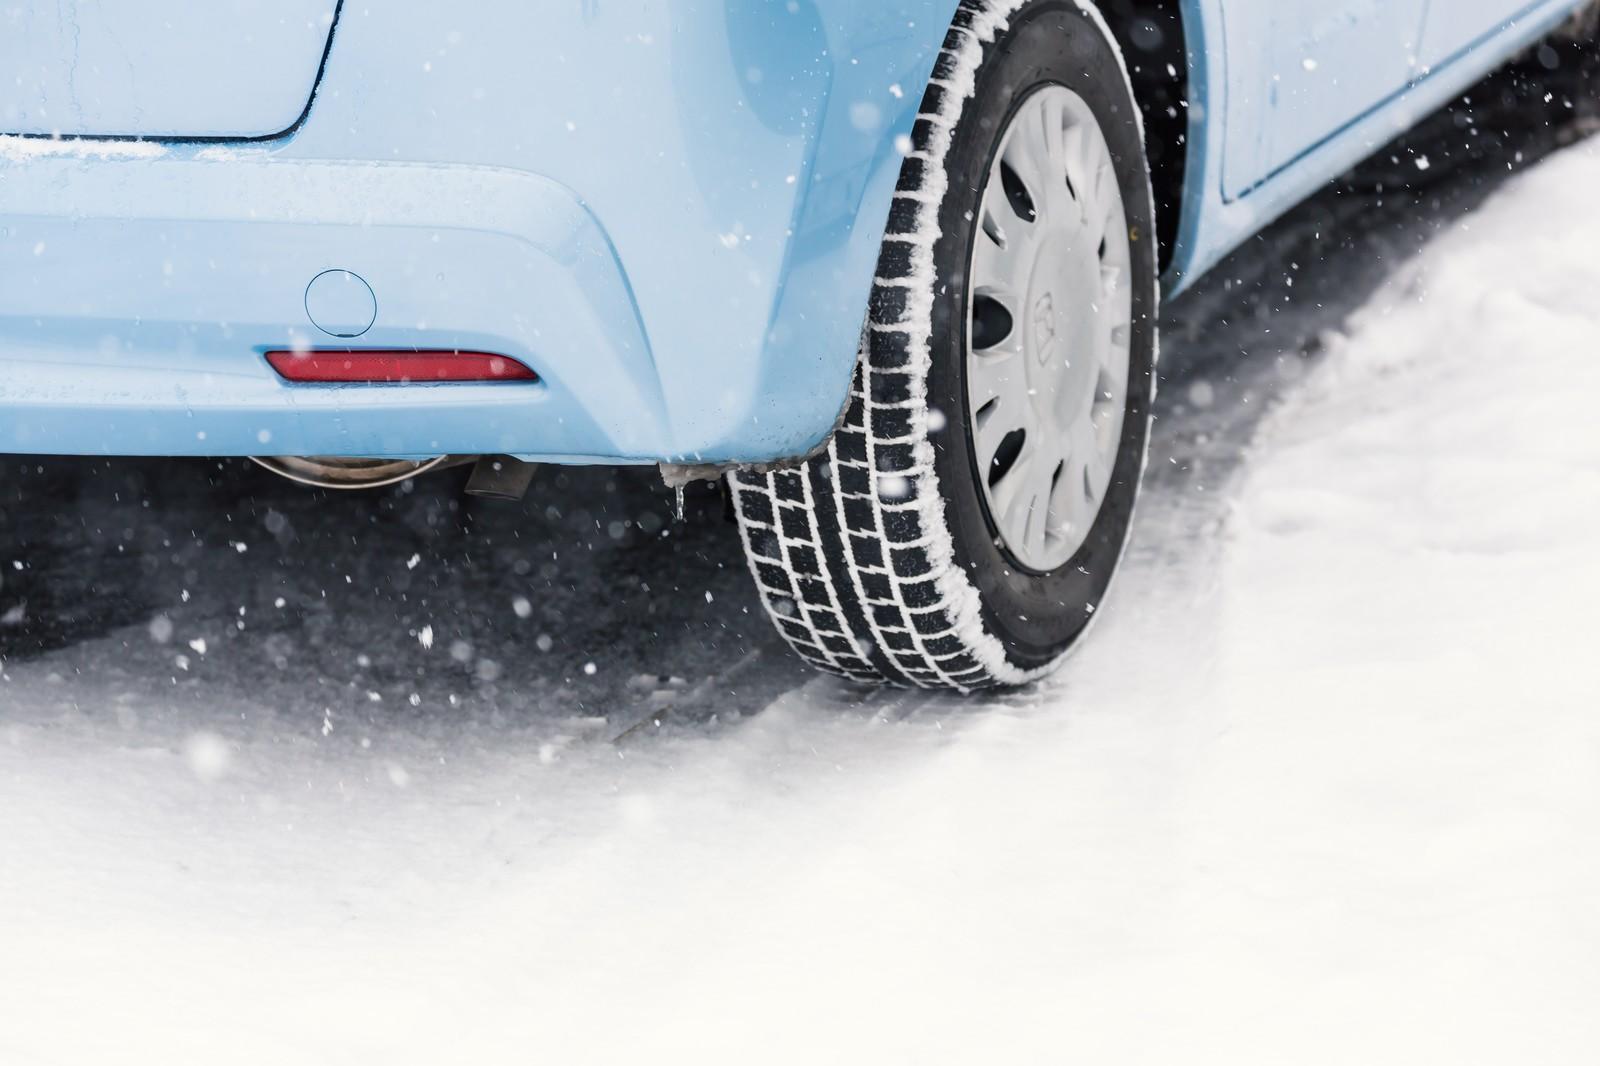 2WD(FF)のセダンで雪道は走れる?4WDとの走行性能も比較